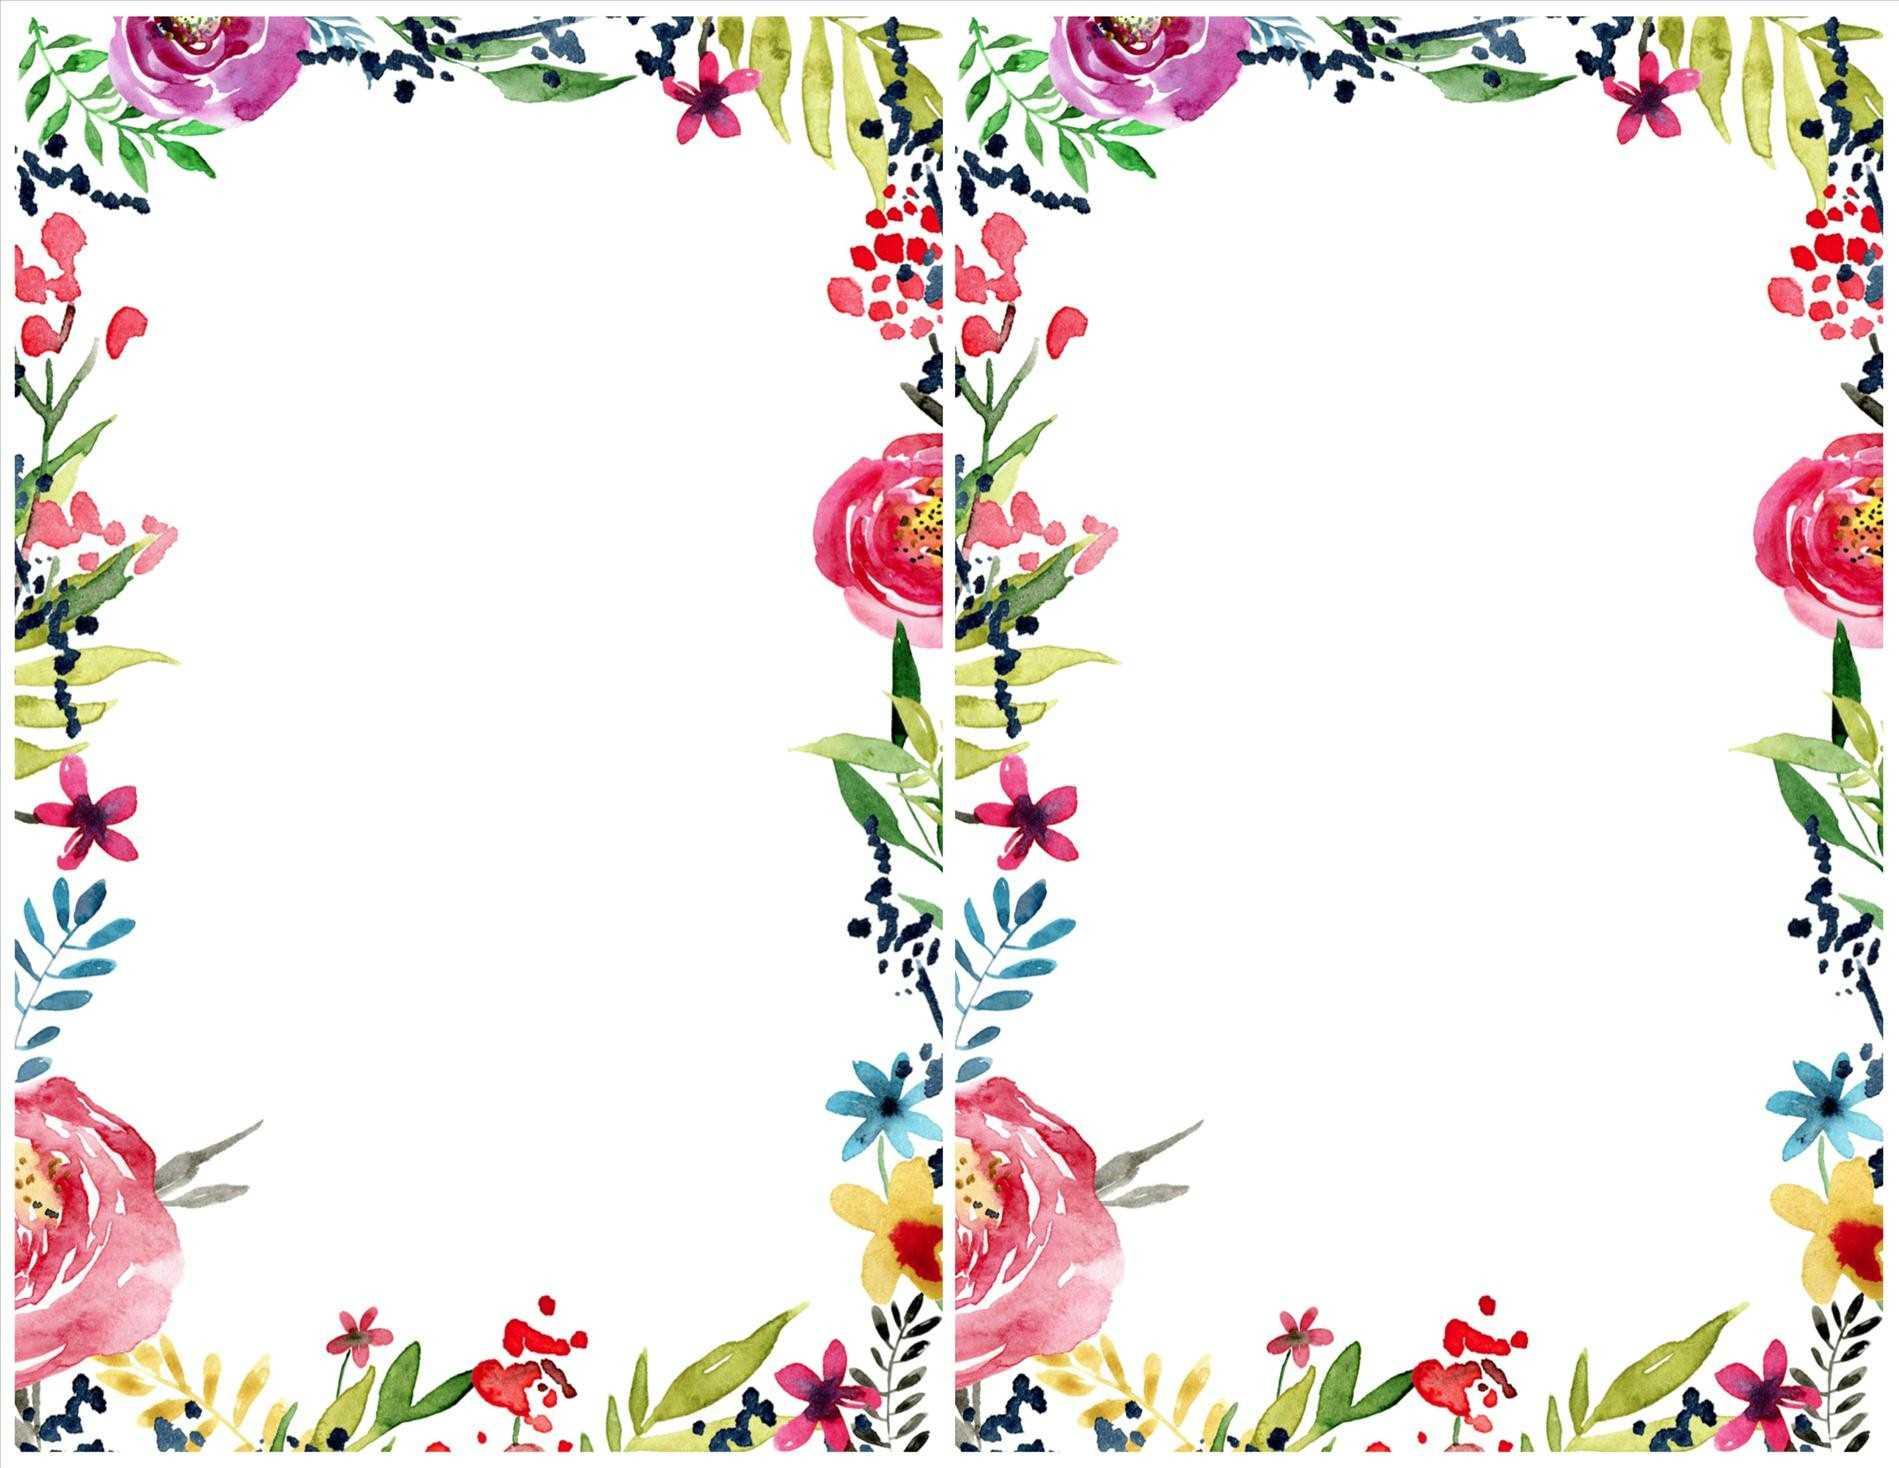 Flower border design clipart 7 » Clipart Station.